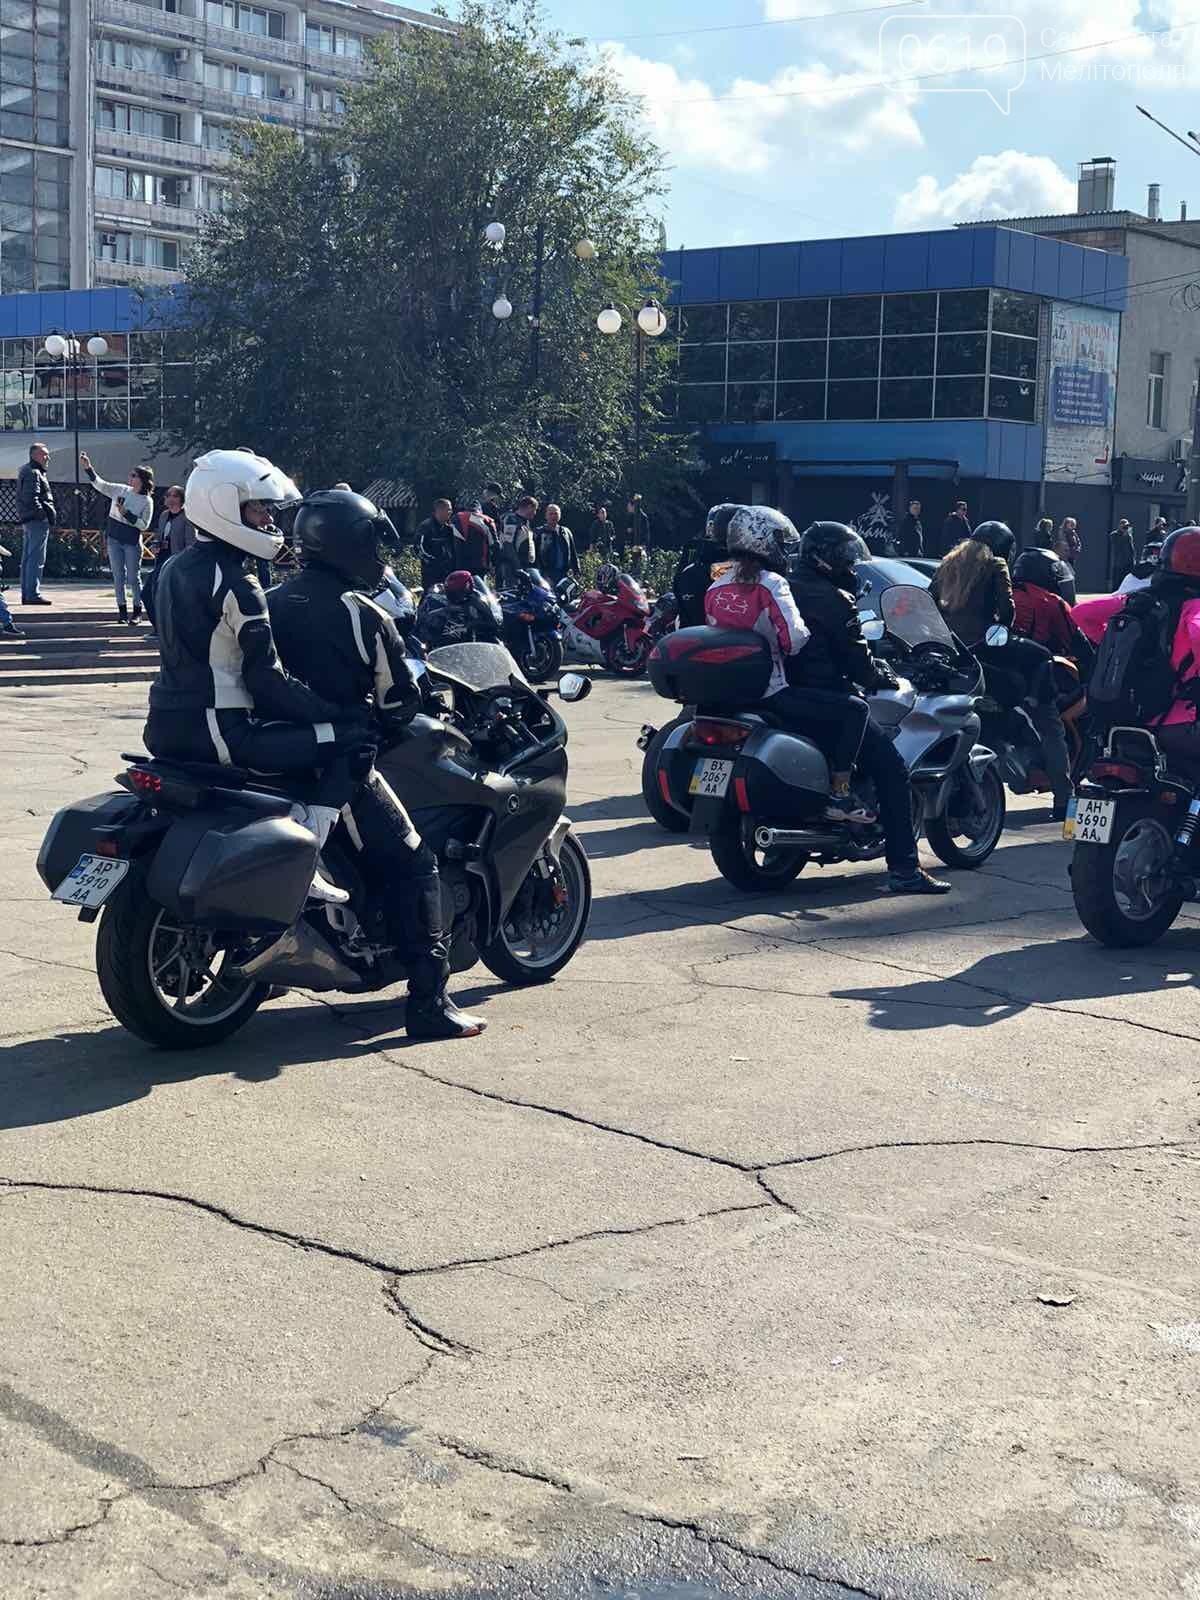 Байкеры проехали колонной по Мелитополю в честь закрытия мотосезона, - ФОТО, фото-5